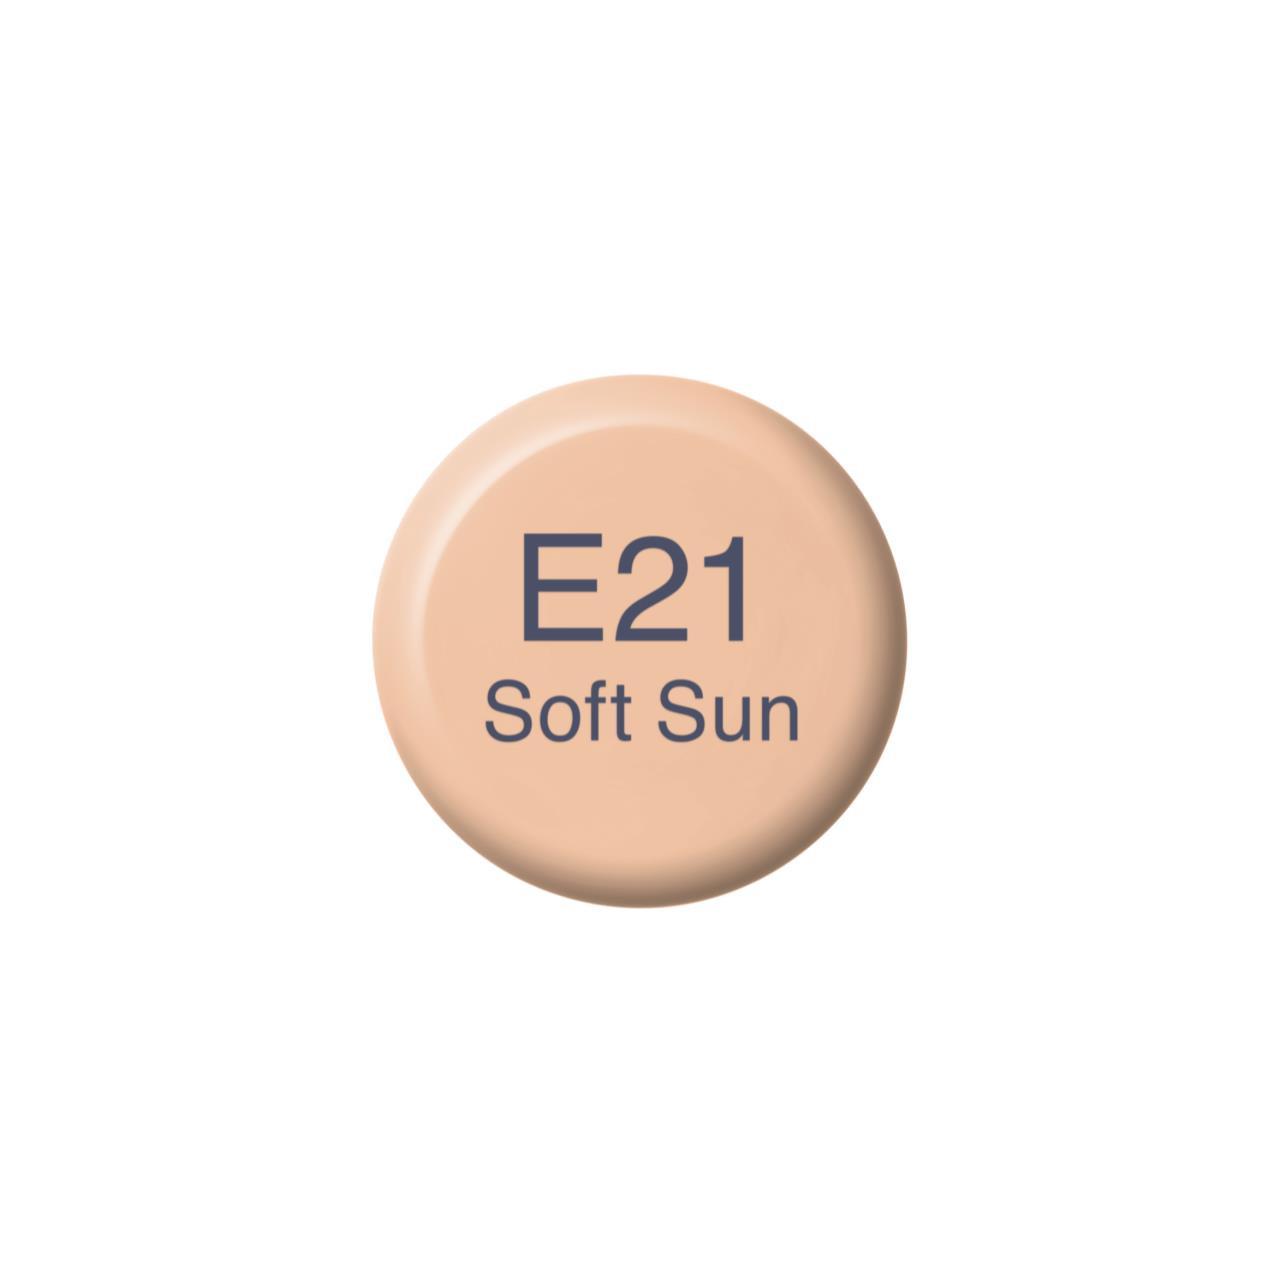 E21 Soft Sun, Copic Ink - 4511338056738